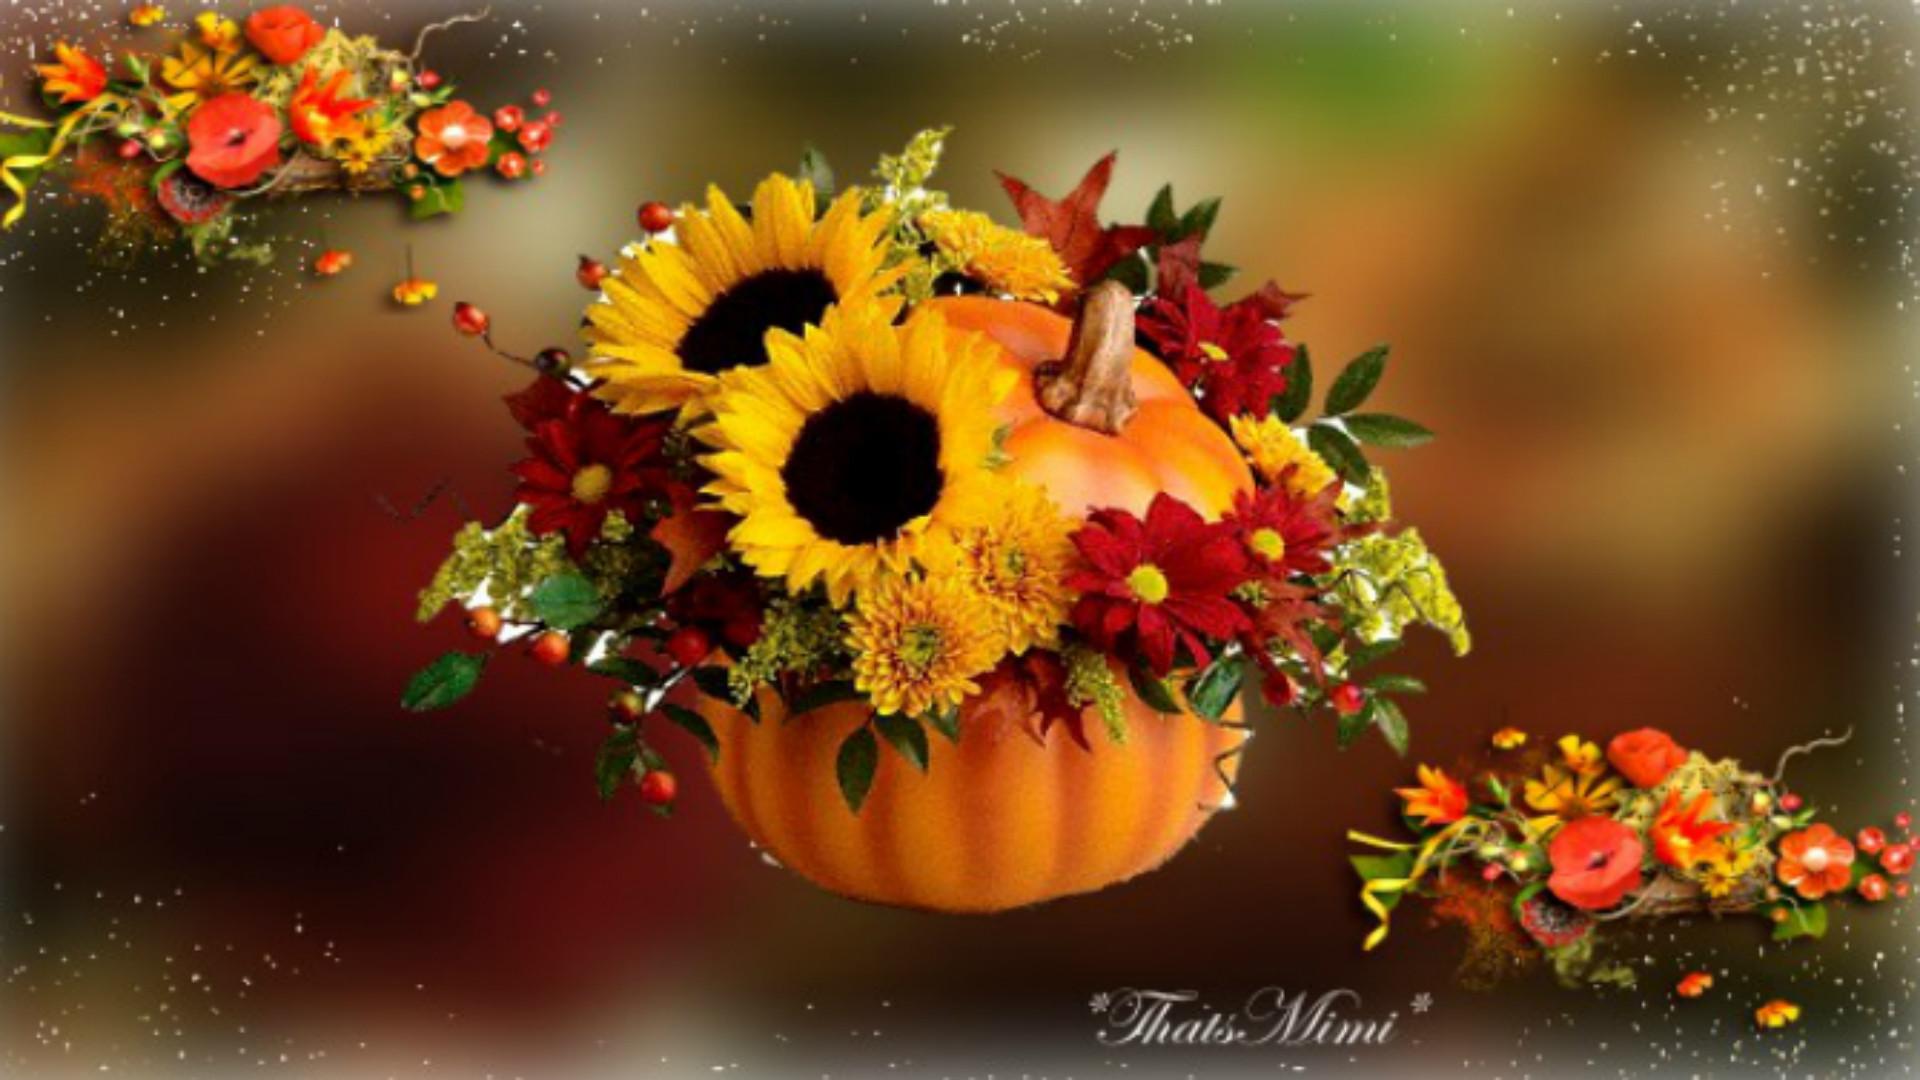 Fall Pumpkins and Flowers Desktop Wallpapers